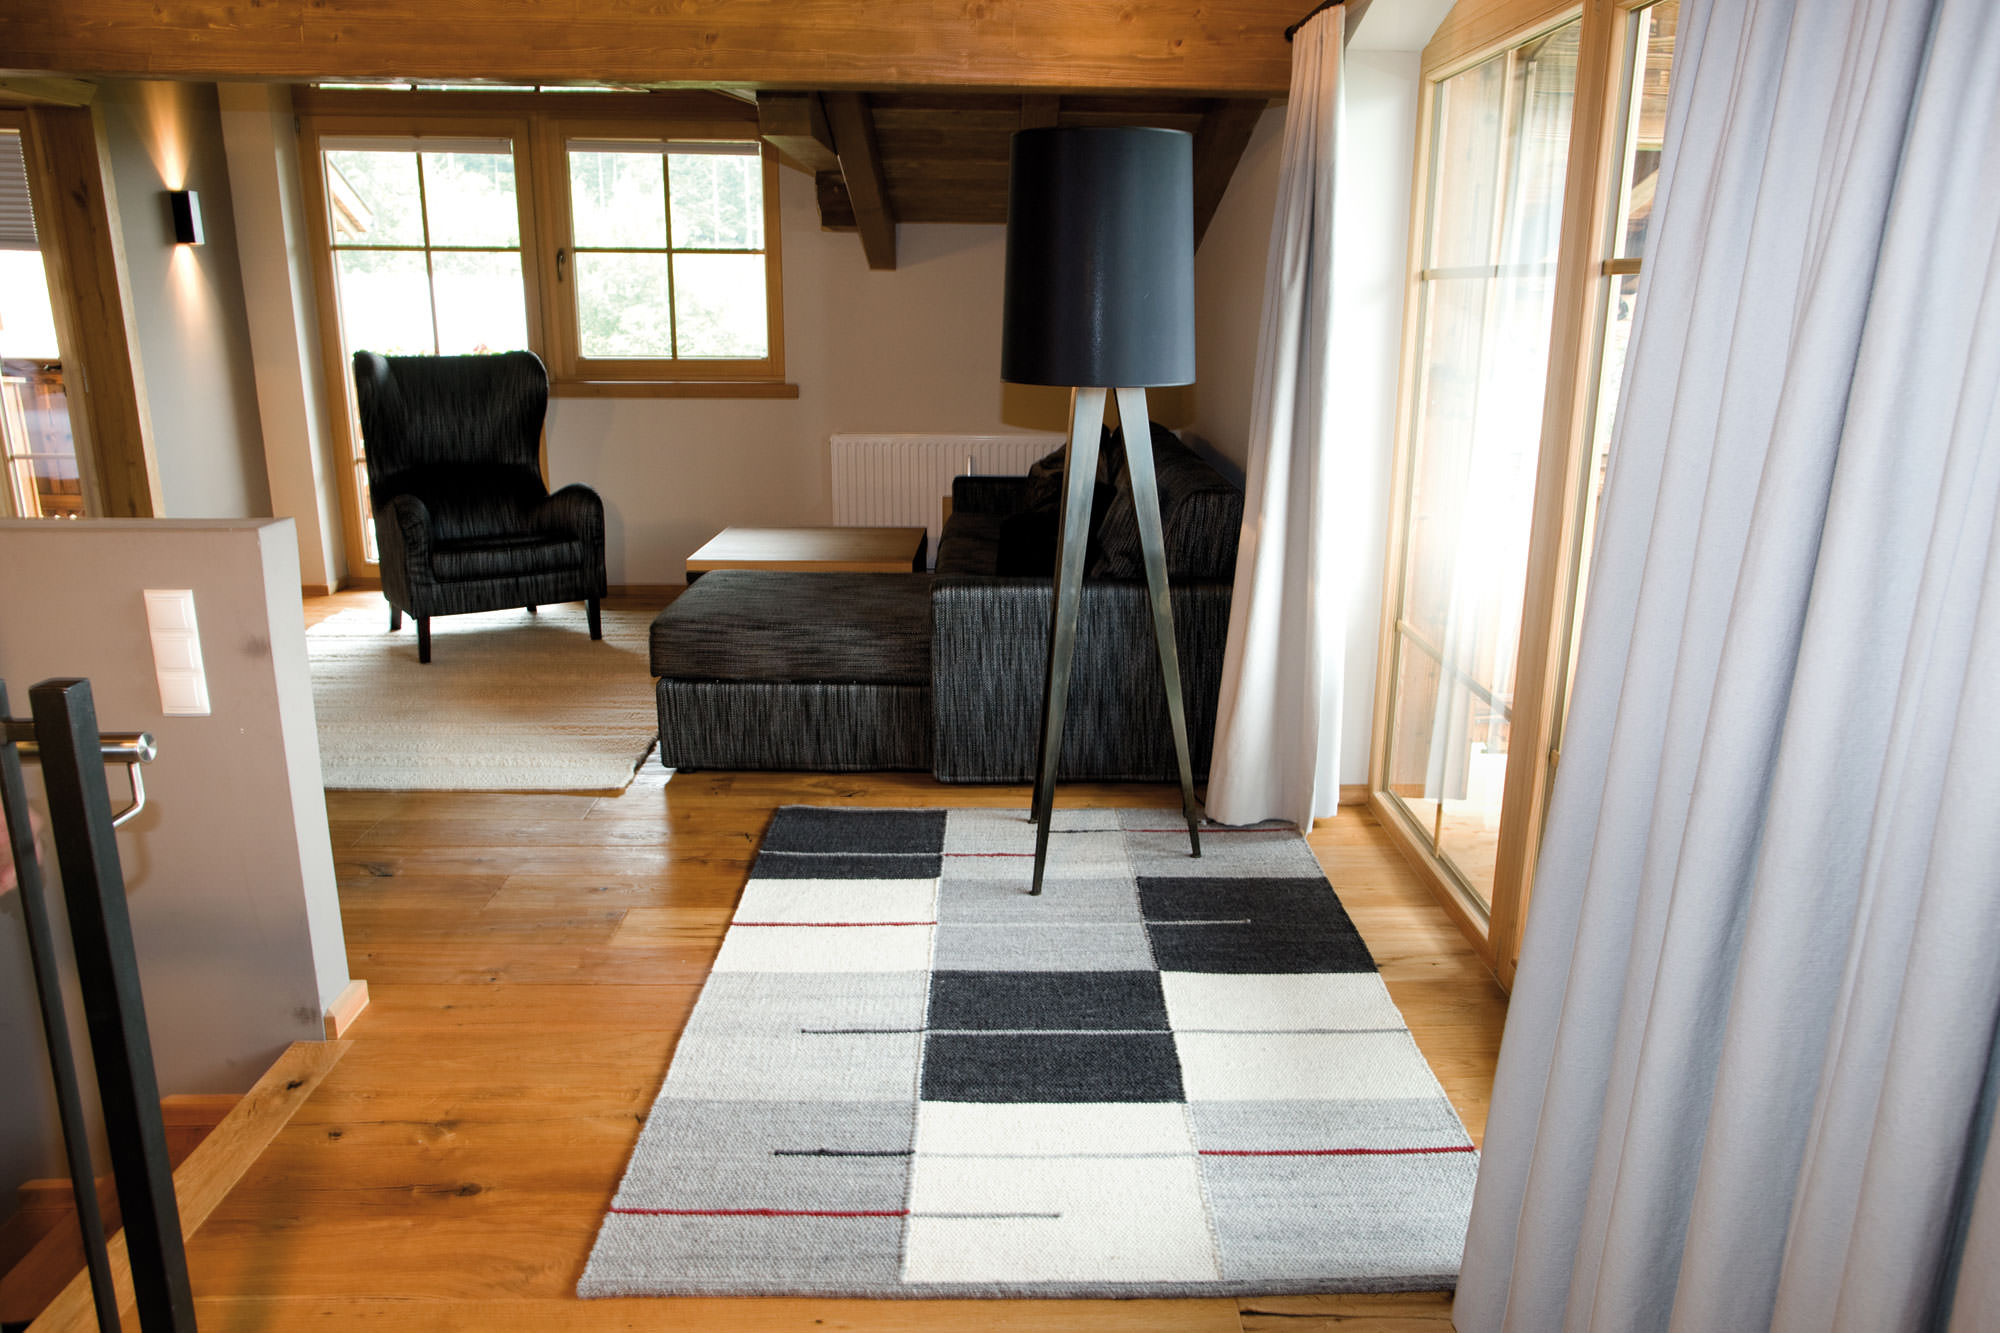 Wohnraum mit modernem Schafwollteppich